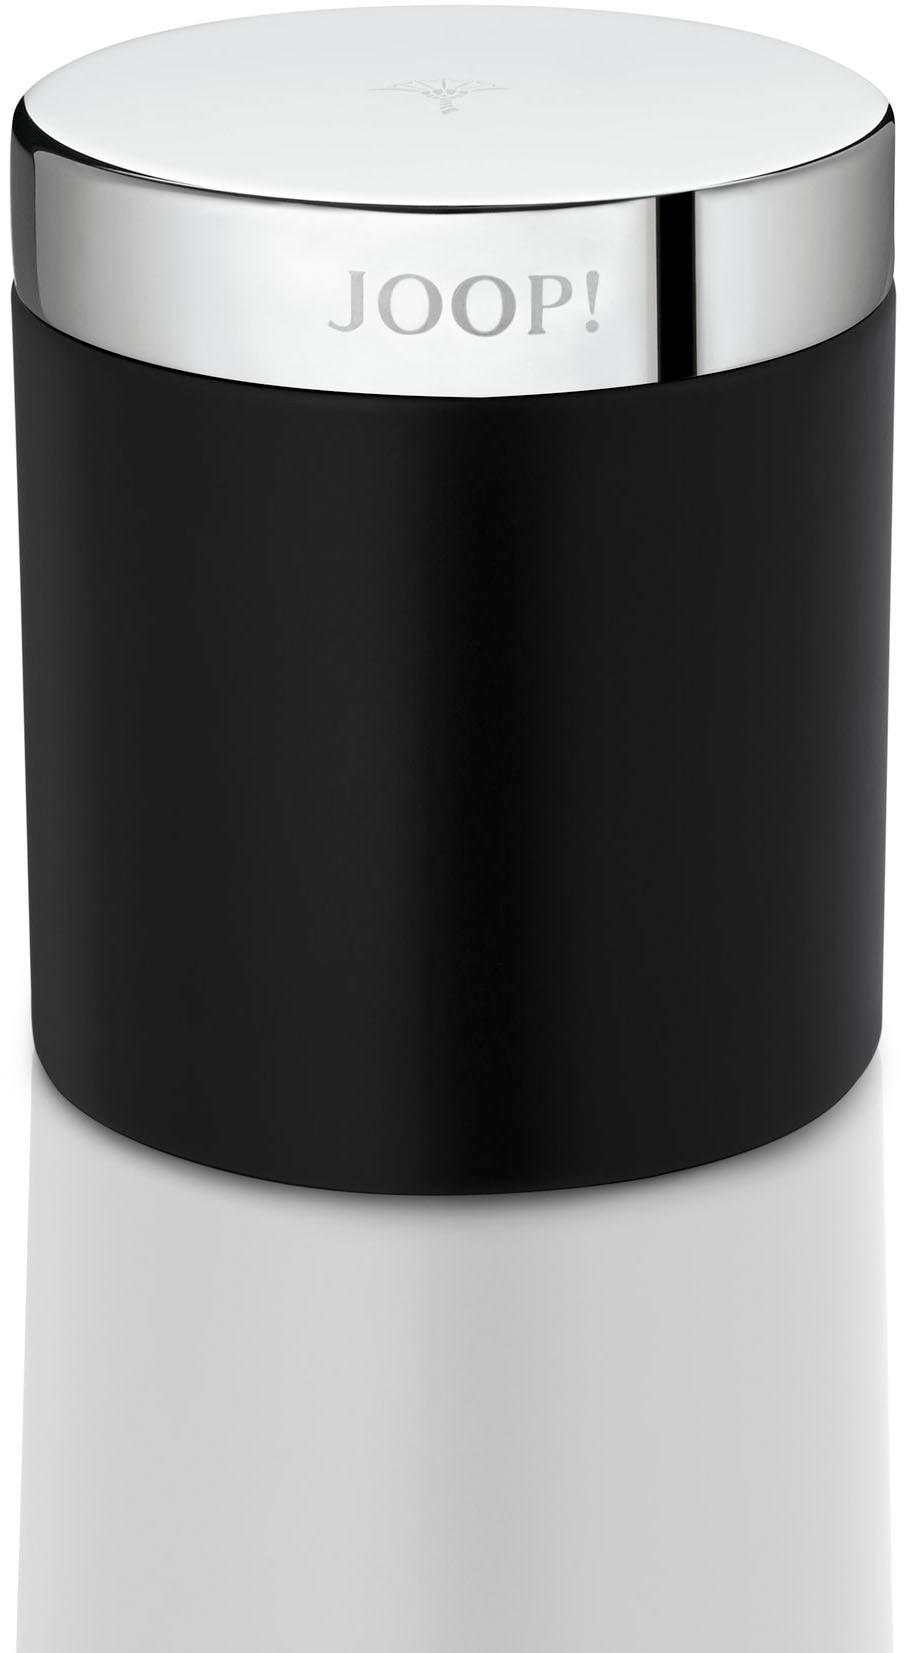 Joop! Joop Kosmetikbox (1 Stück) schwarz Badaufbewahrung Badaccessoires Badmöbel Aufbewahrungsboxen